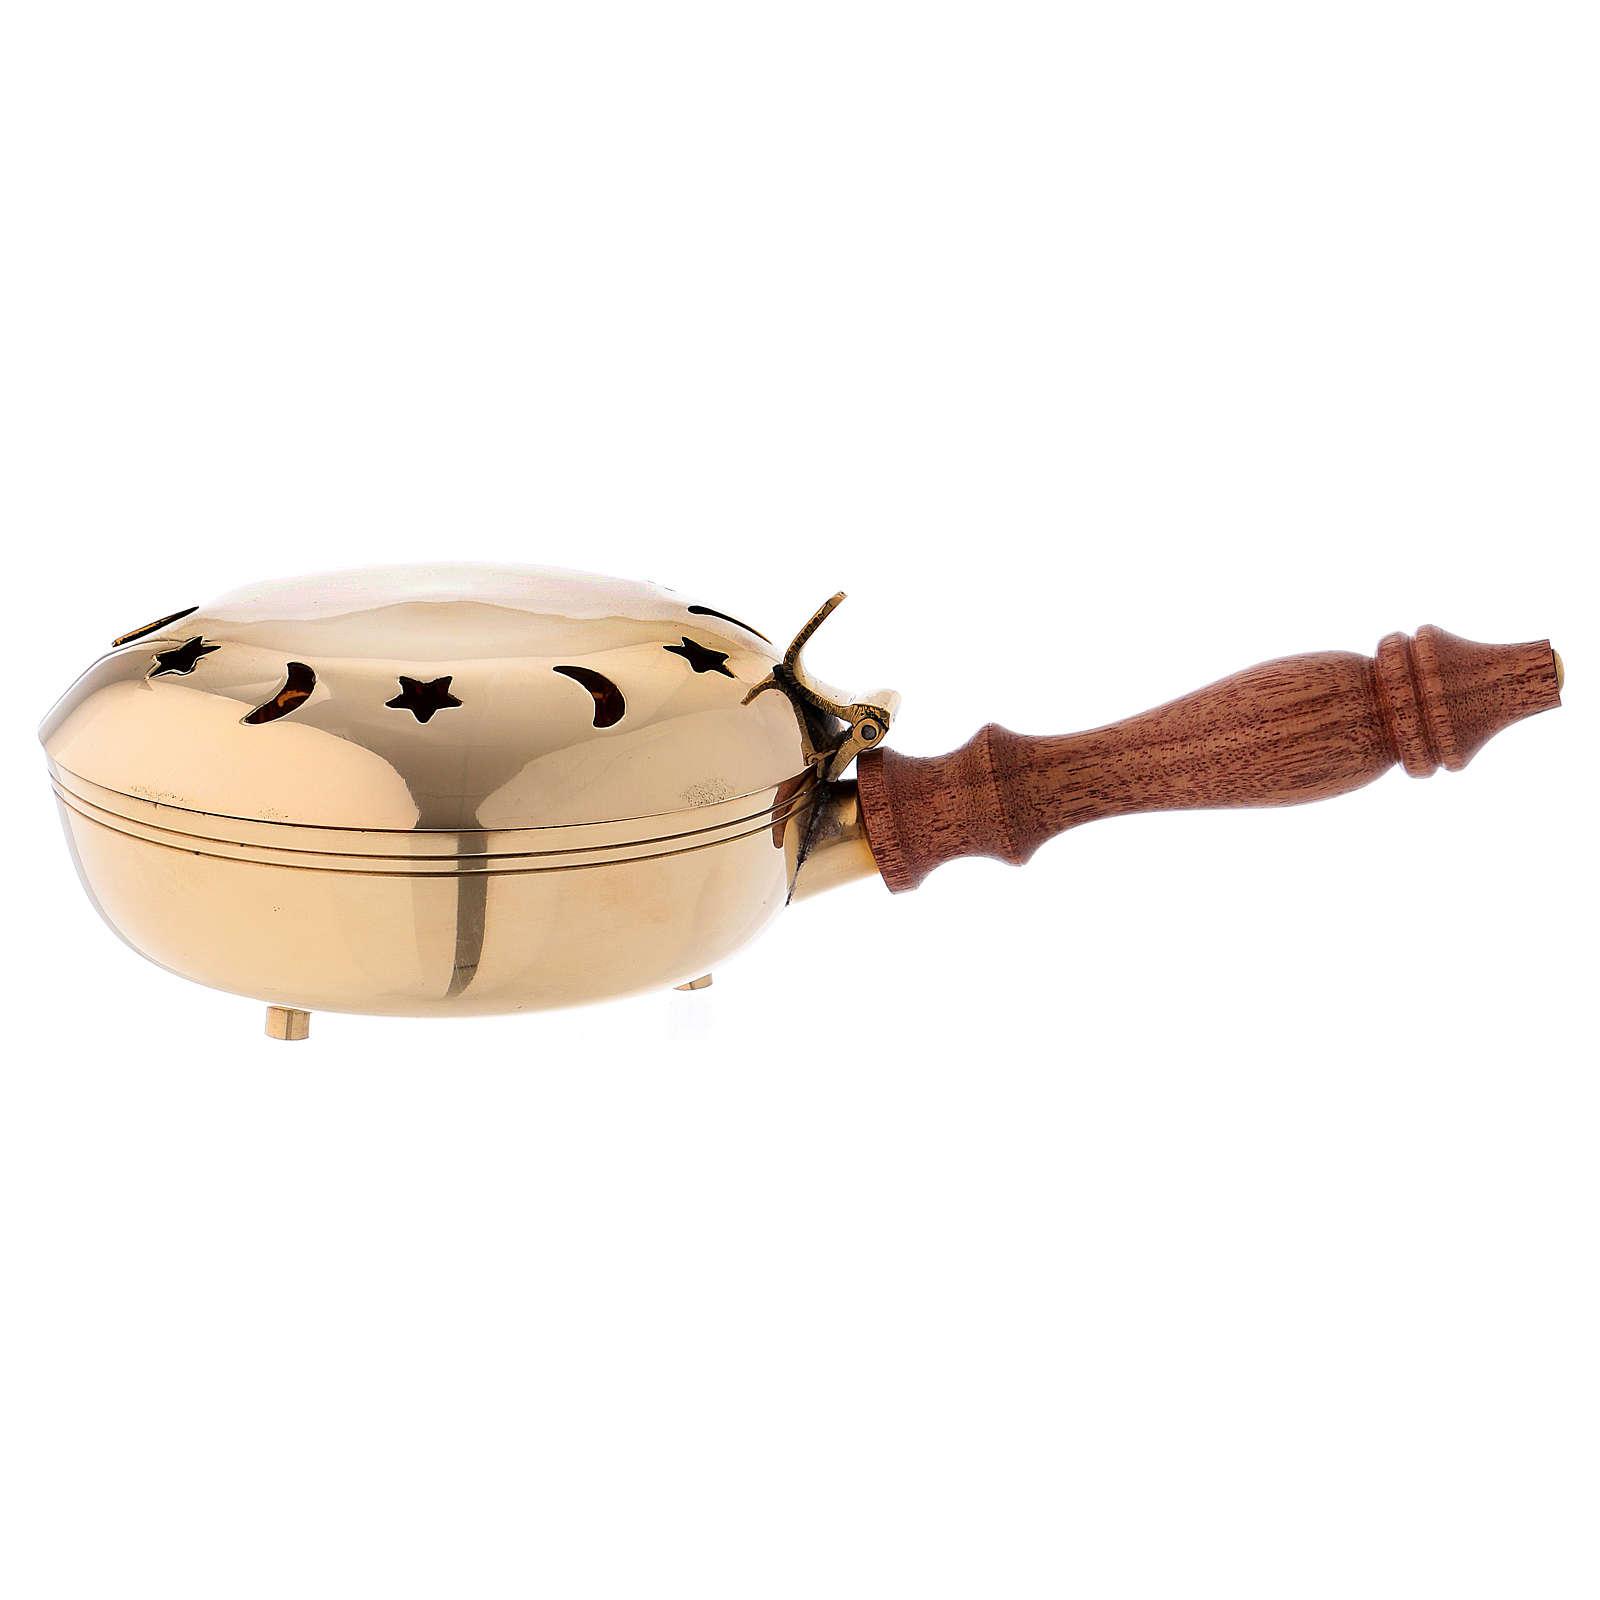 Incensario redondo latón con mango madera 3